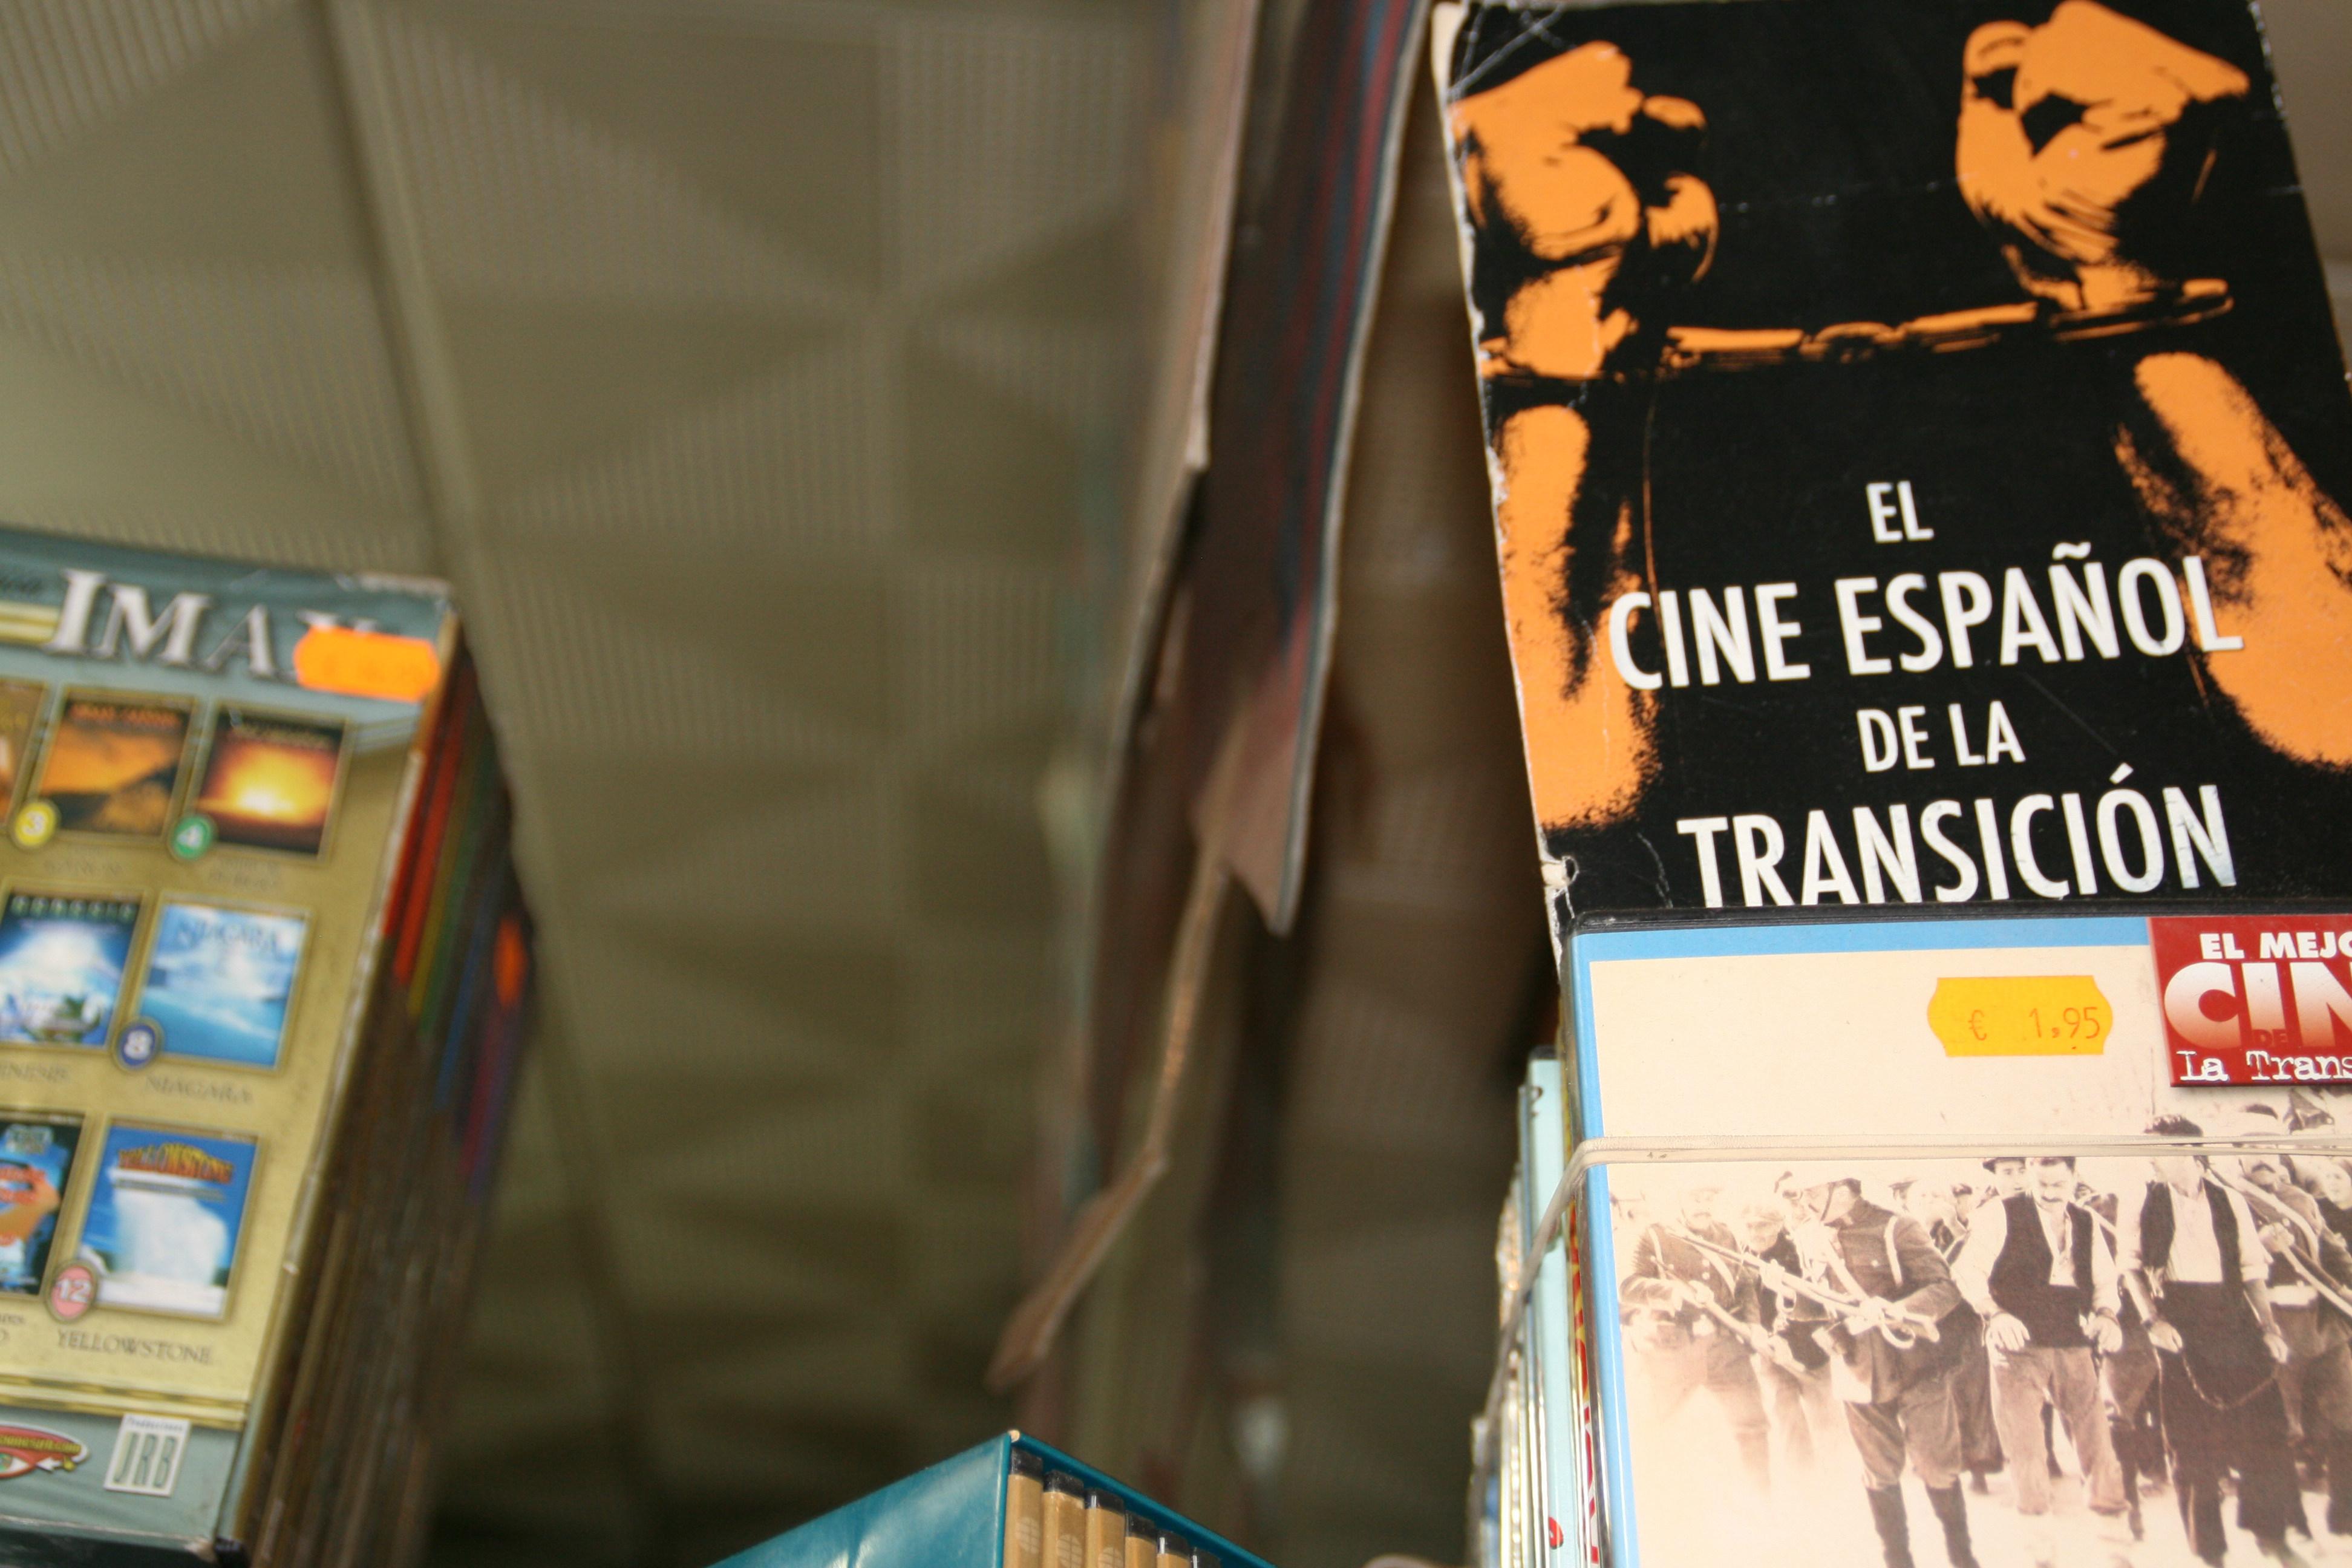 El cine español tiene un importante hueco en el videoclub